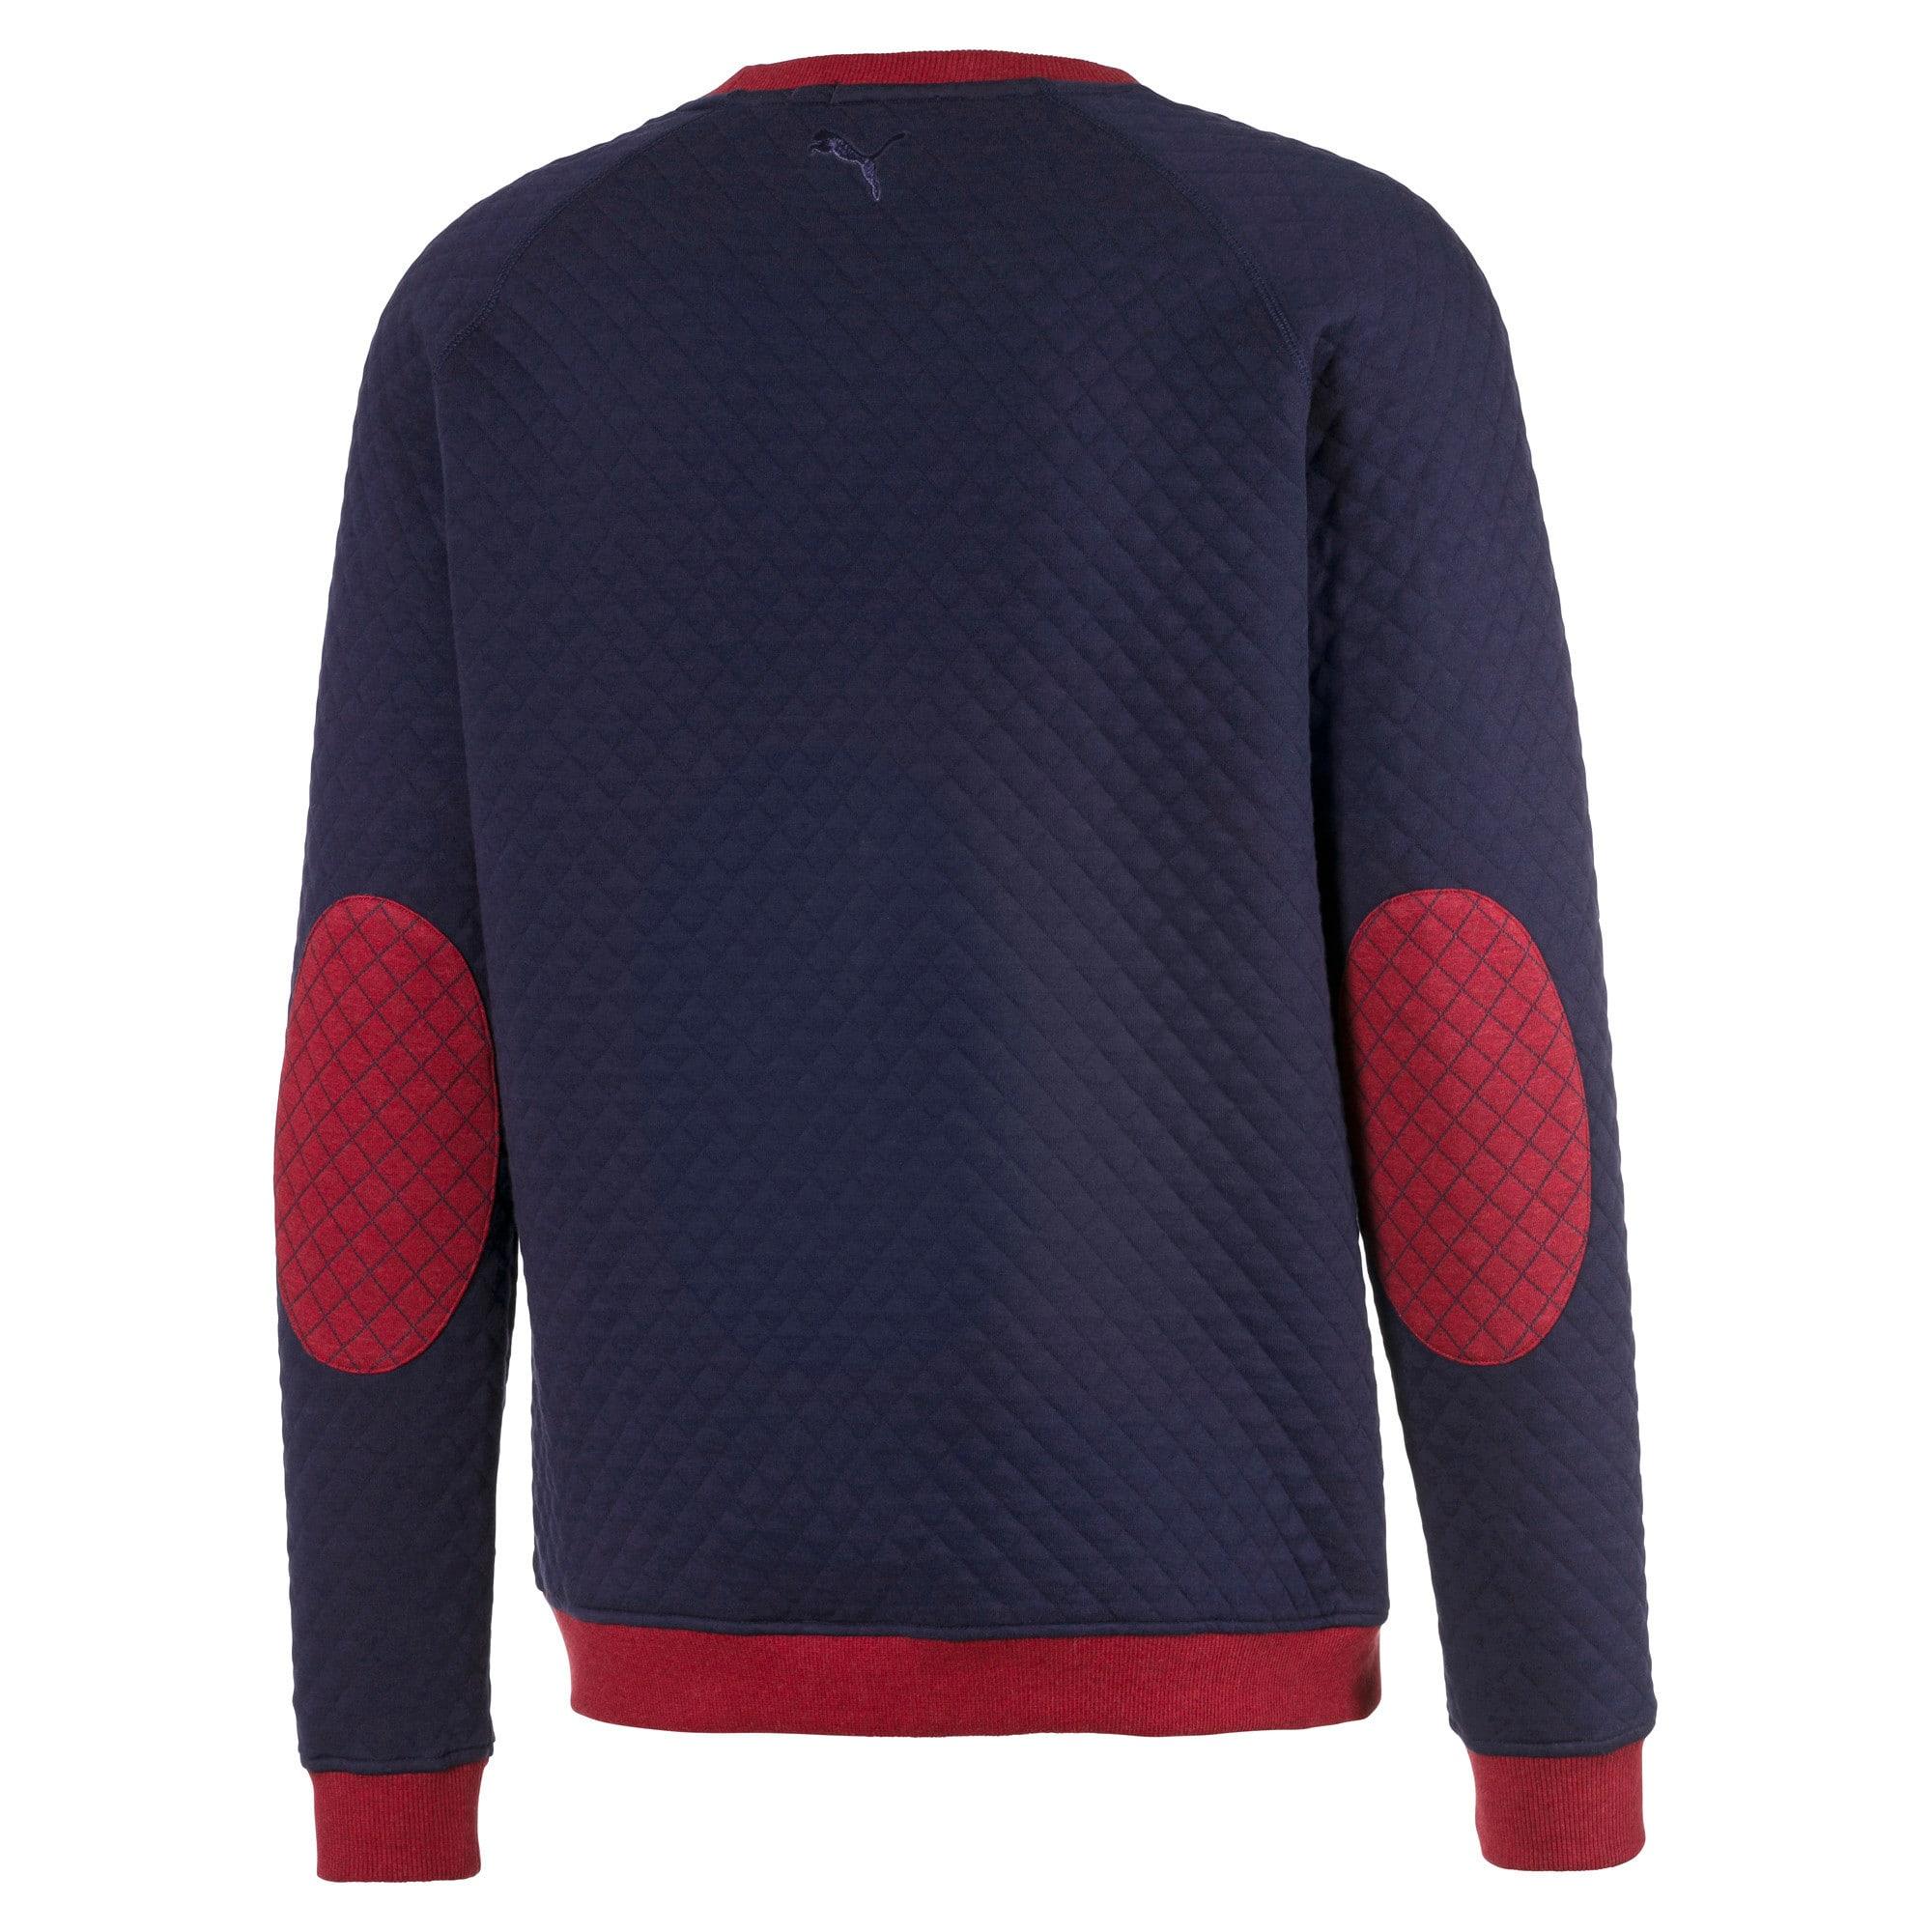 Thumbnail 6 of Doorgestikte golfsweater voor heren, Rhubarb Heather, medium